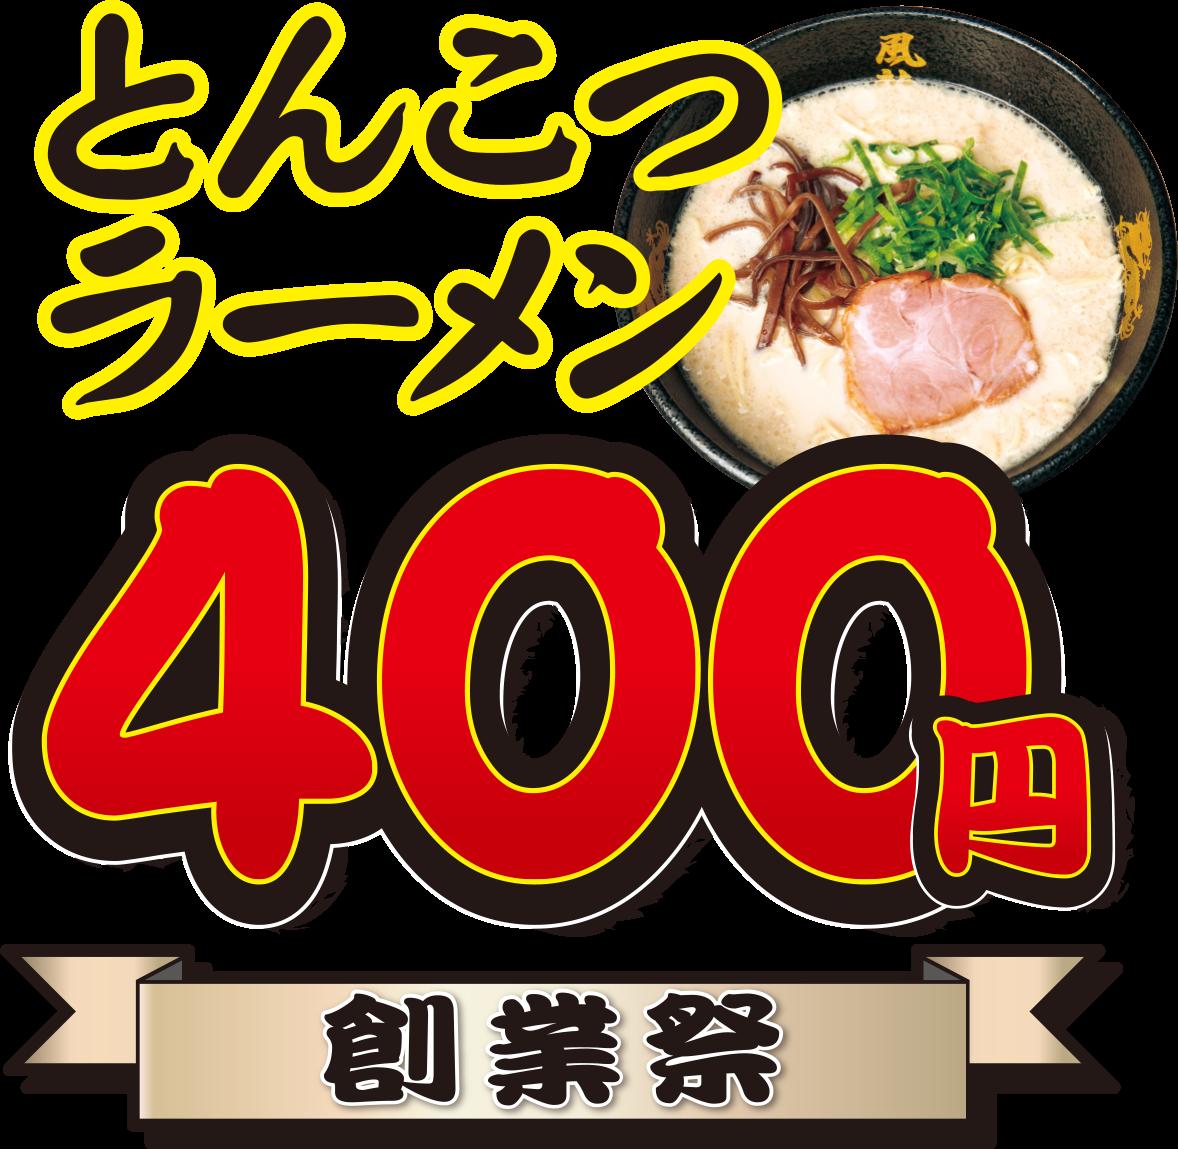 とんこつラーメン博多風龍で10年分ありがとうキャンペーン。とんこつラーメン400円セール+ラーメン無料券が貰える。~9/11。